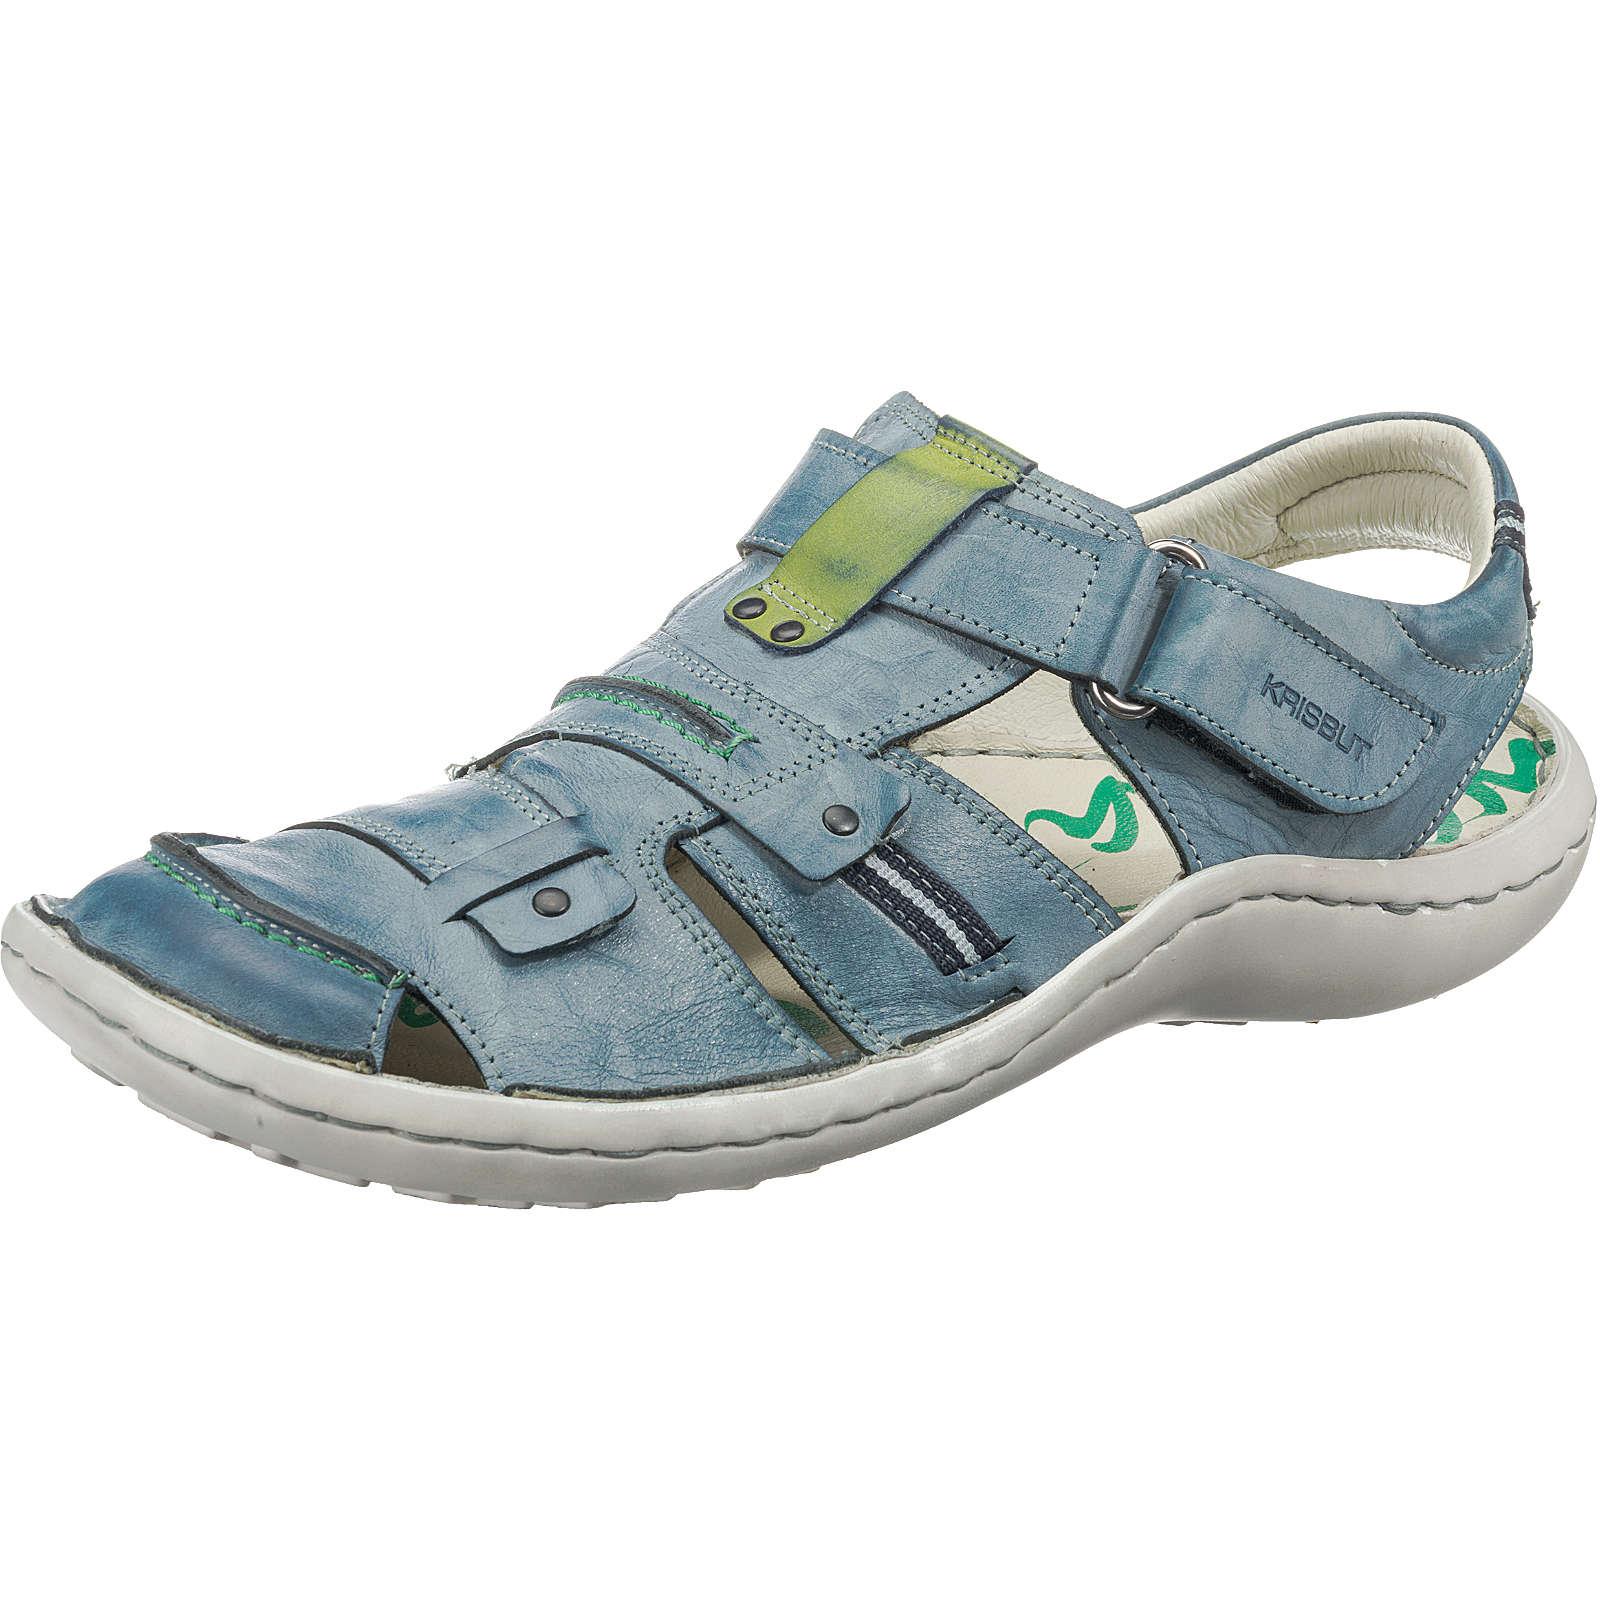 Krisbut 1168-1-1 Klassische Sandalen dunkelblau Herren Gr. 45